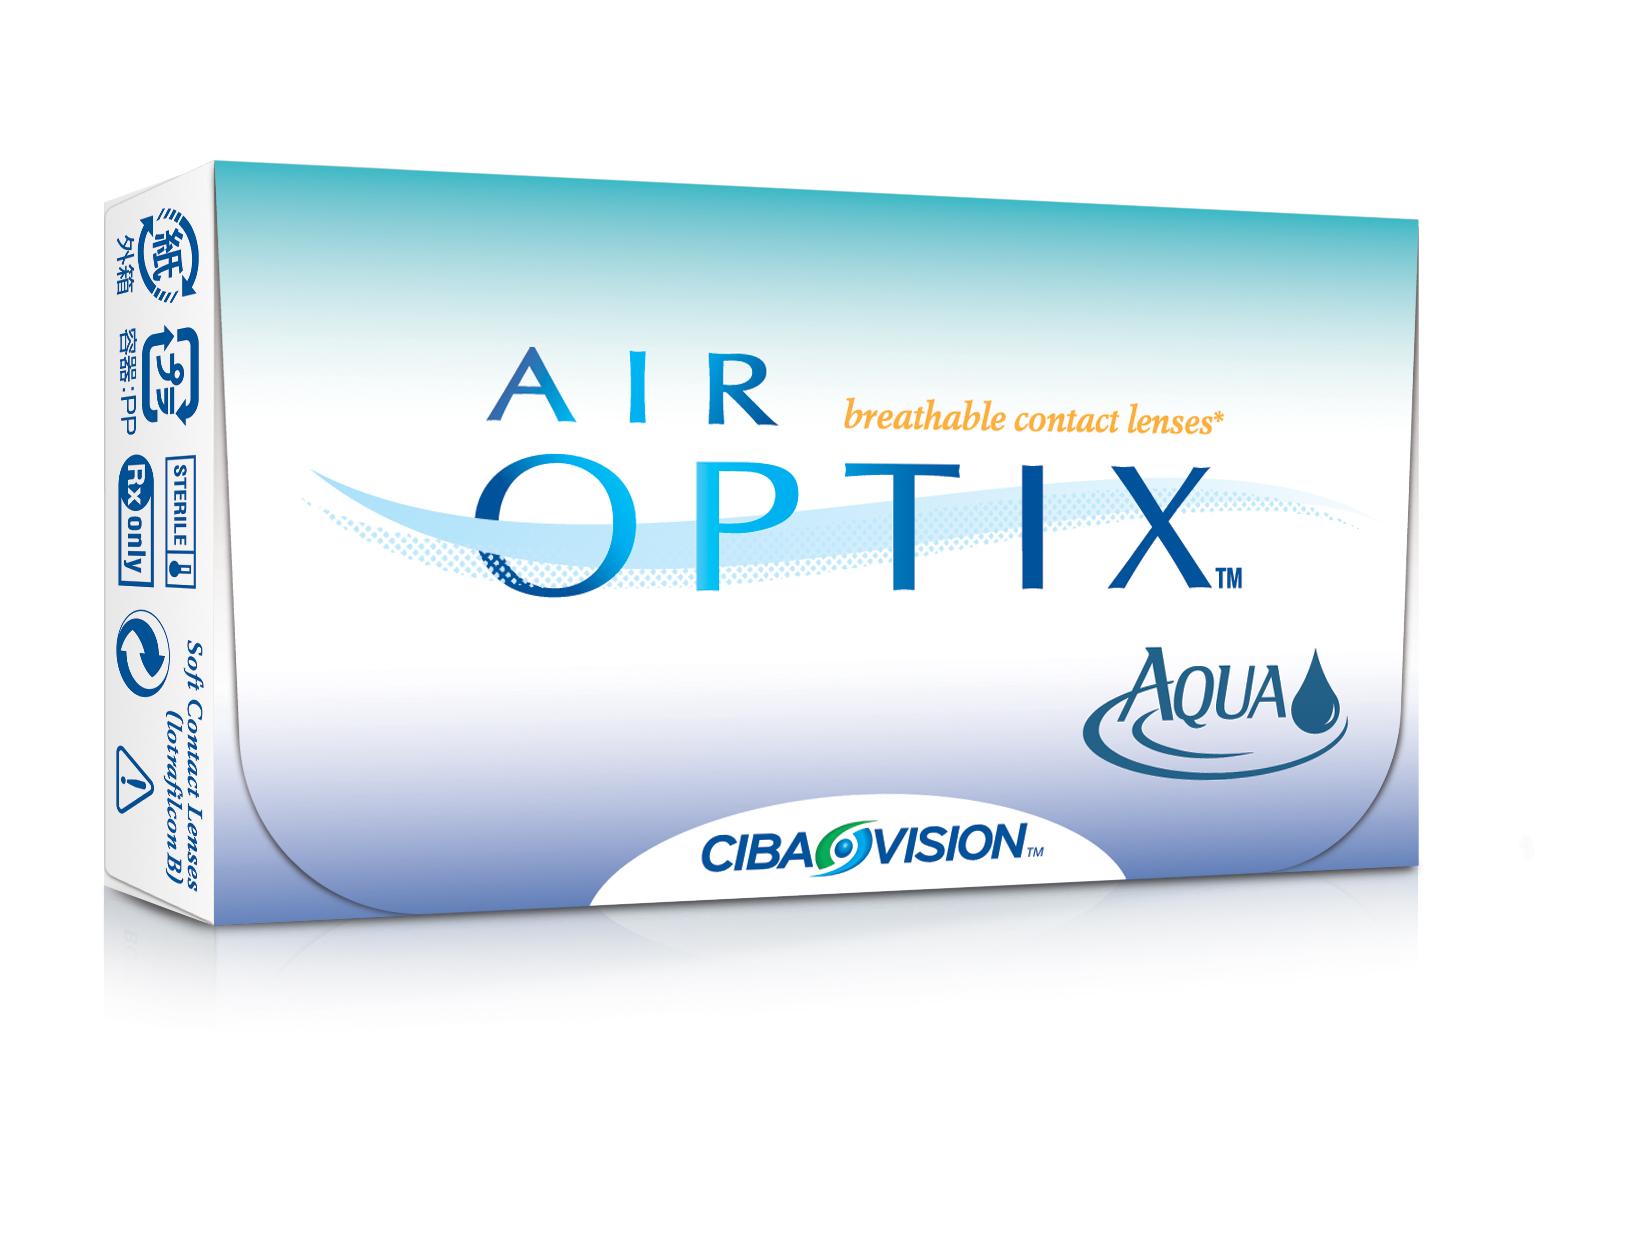 AirOptixAqua-FaceRight_DARK2.jpg